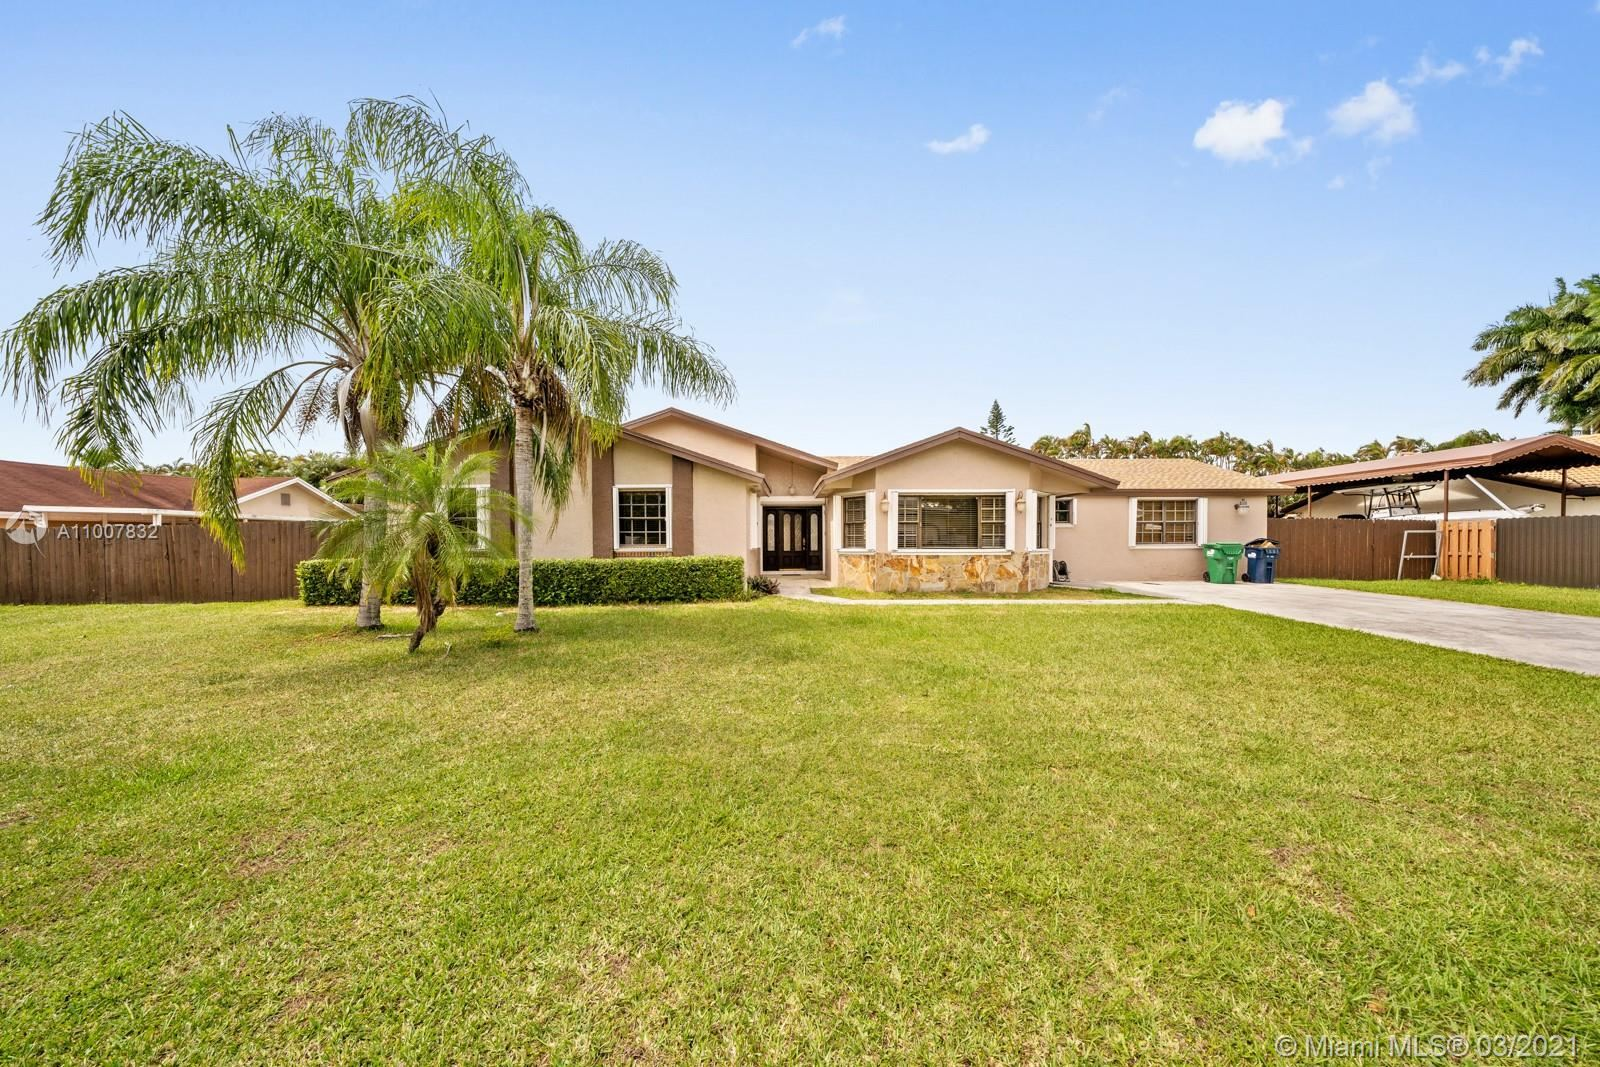 18650 SW 127th Ct, Miami, FL 33177 - #: A11007832